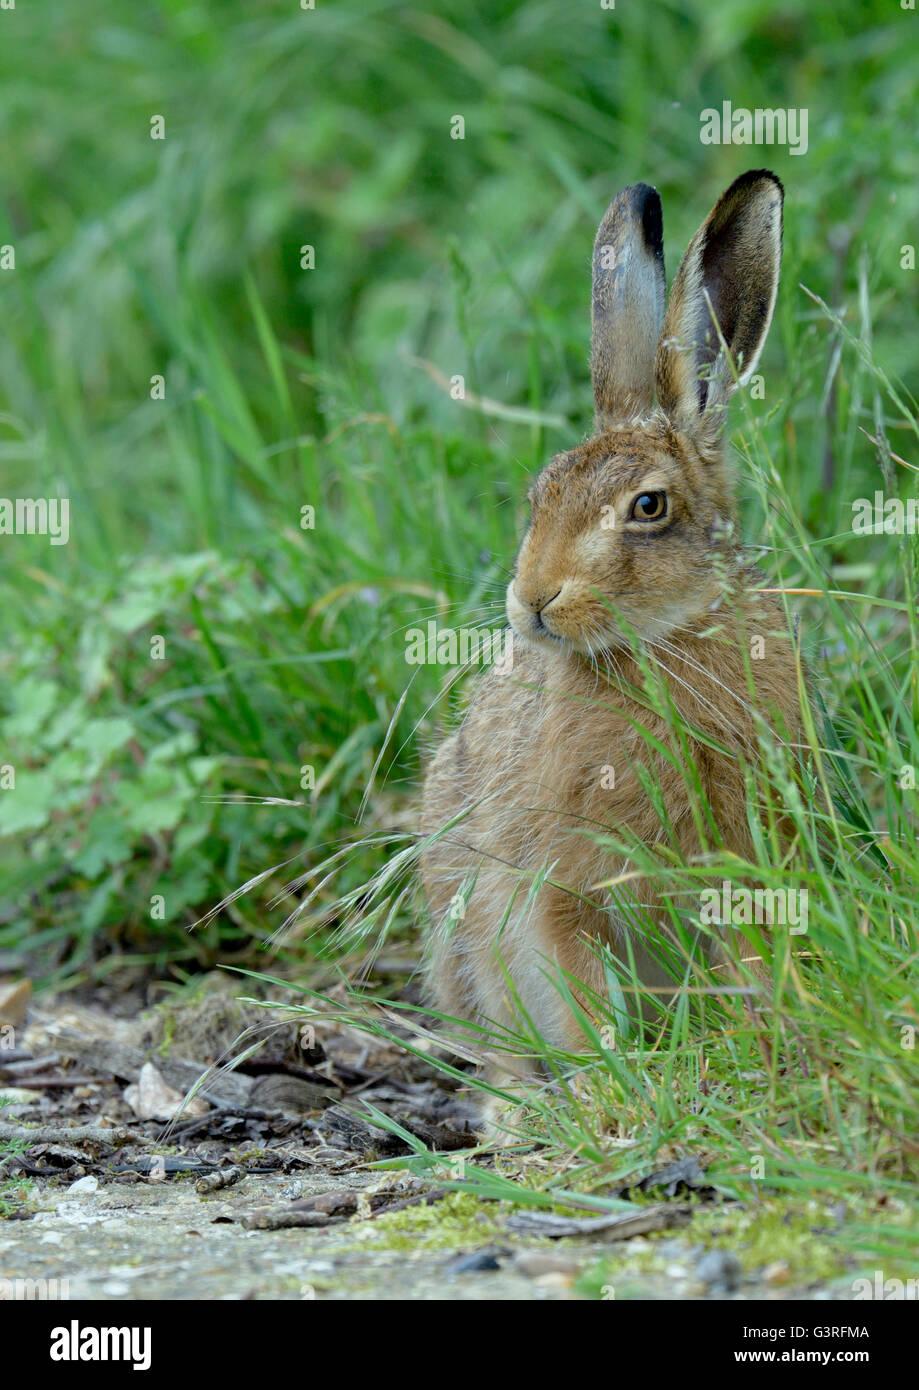 Jeune Lièvre Brun (Lepus europaeus) assis dans l'herbe d'un point. Photo Stock